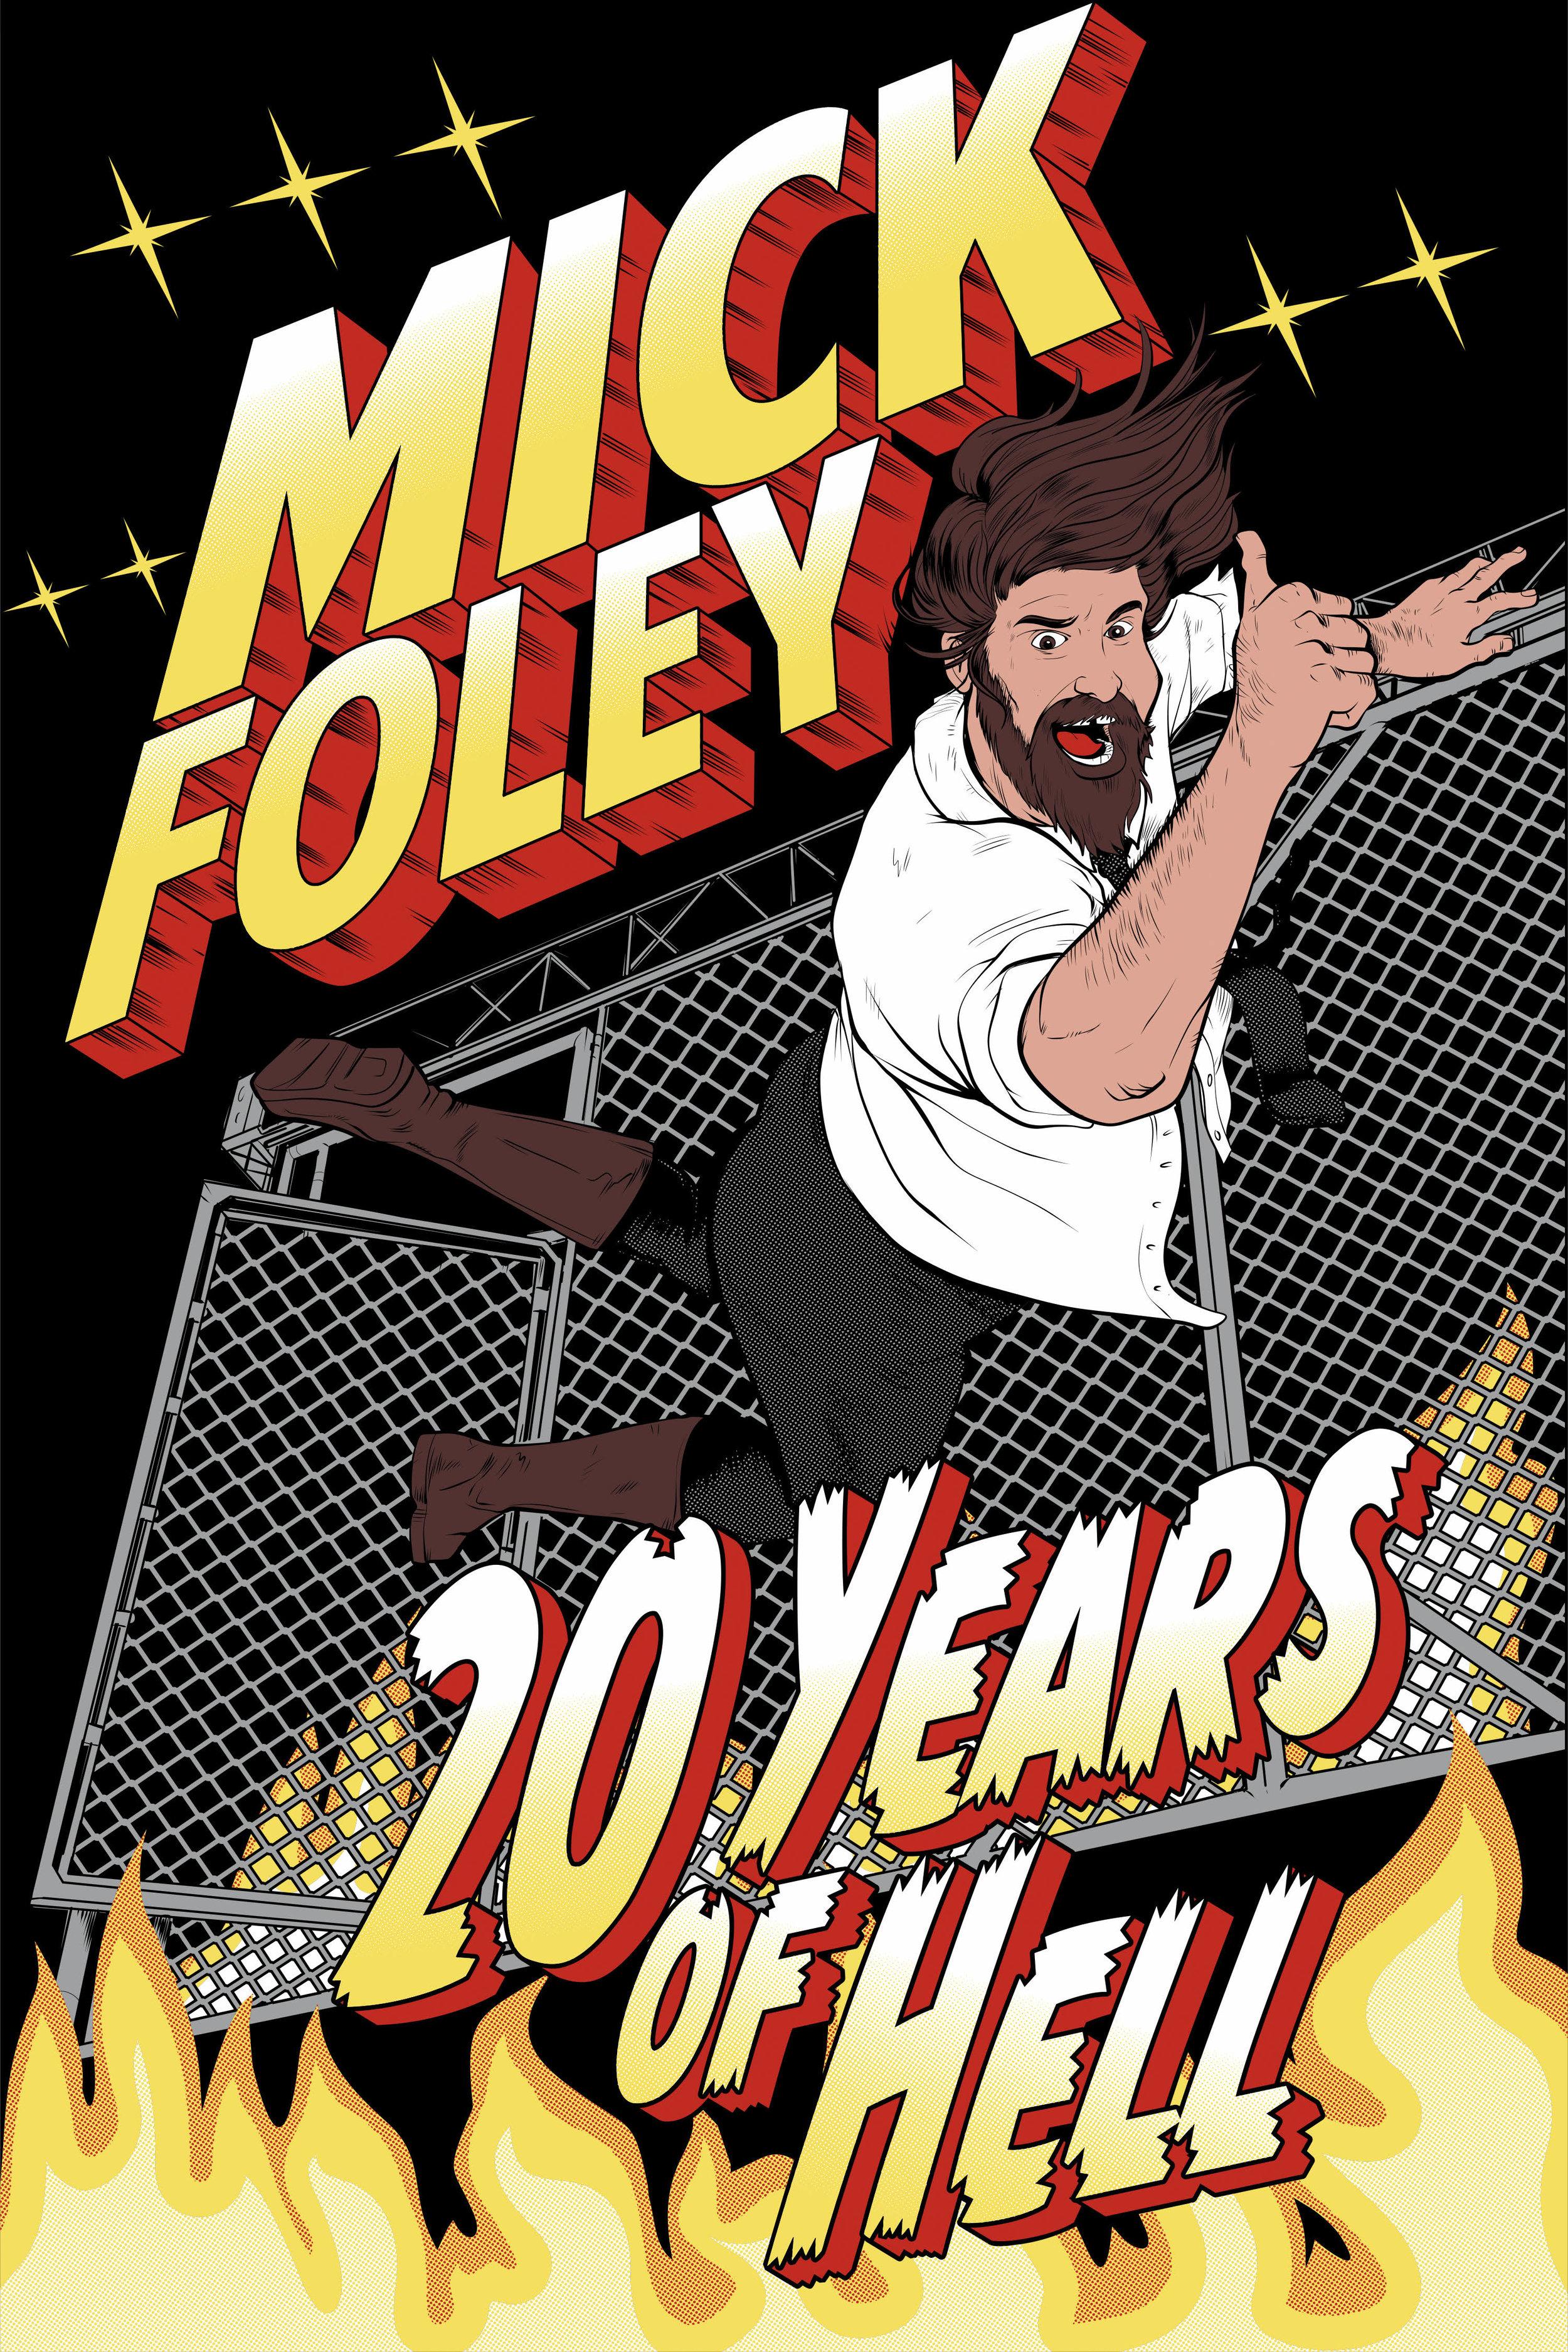 Mick Foley 2018 art.jpg